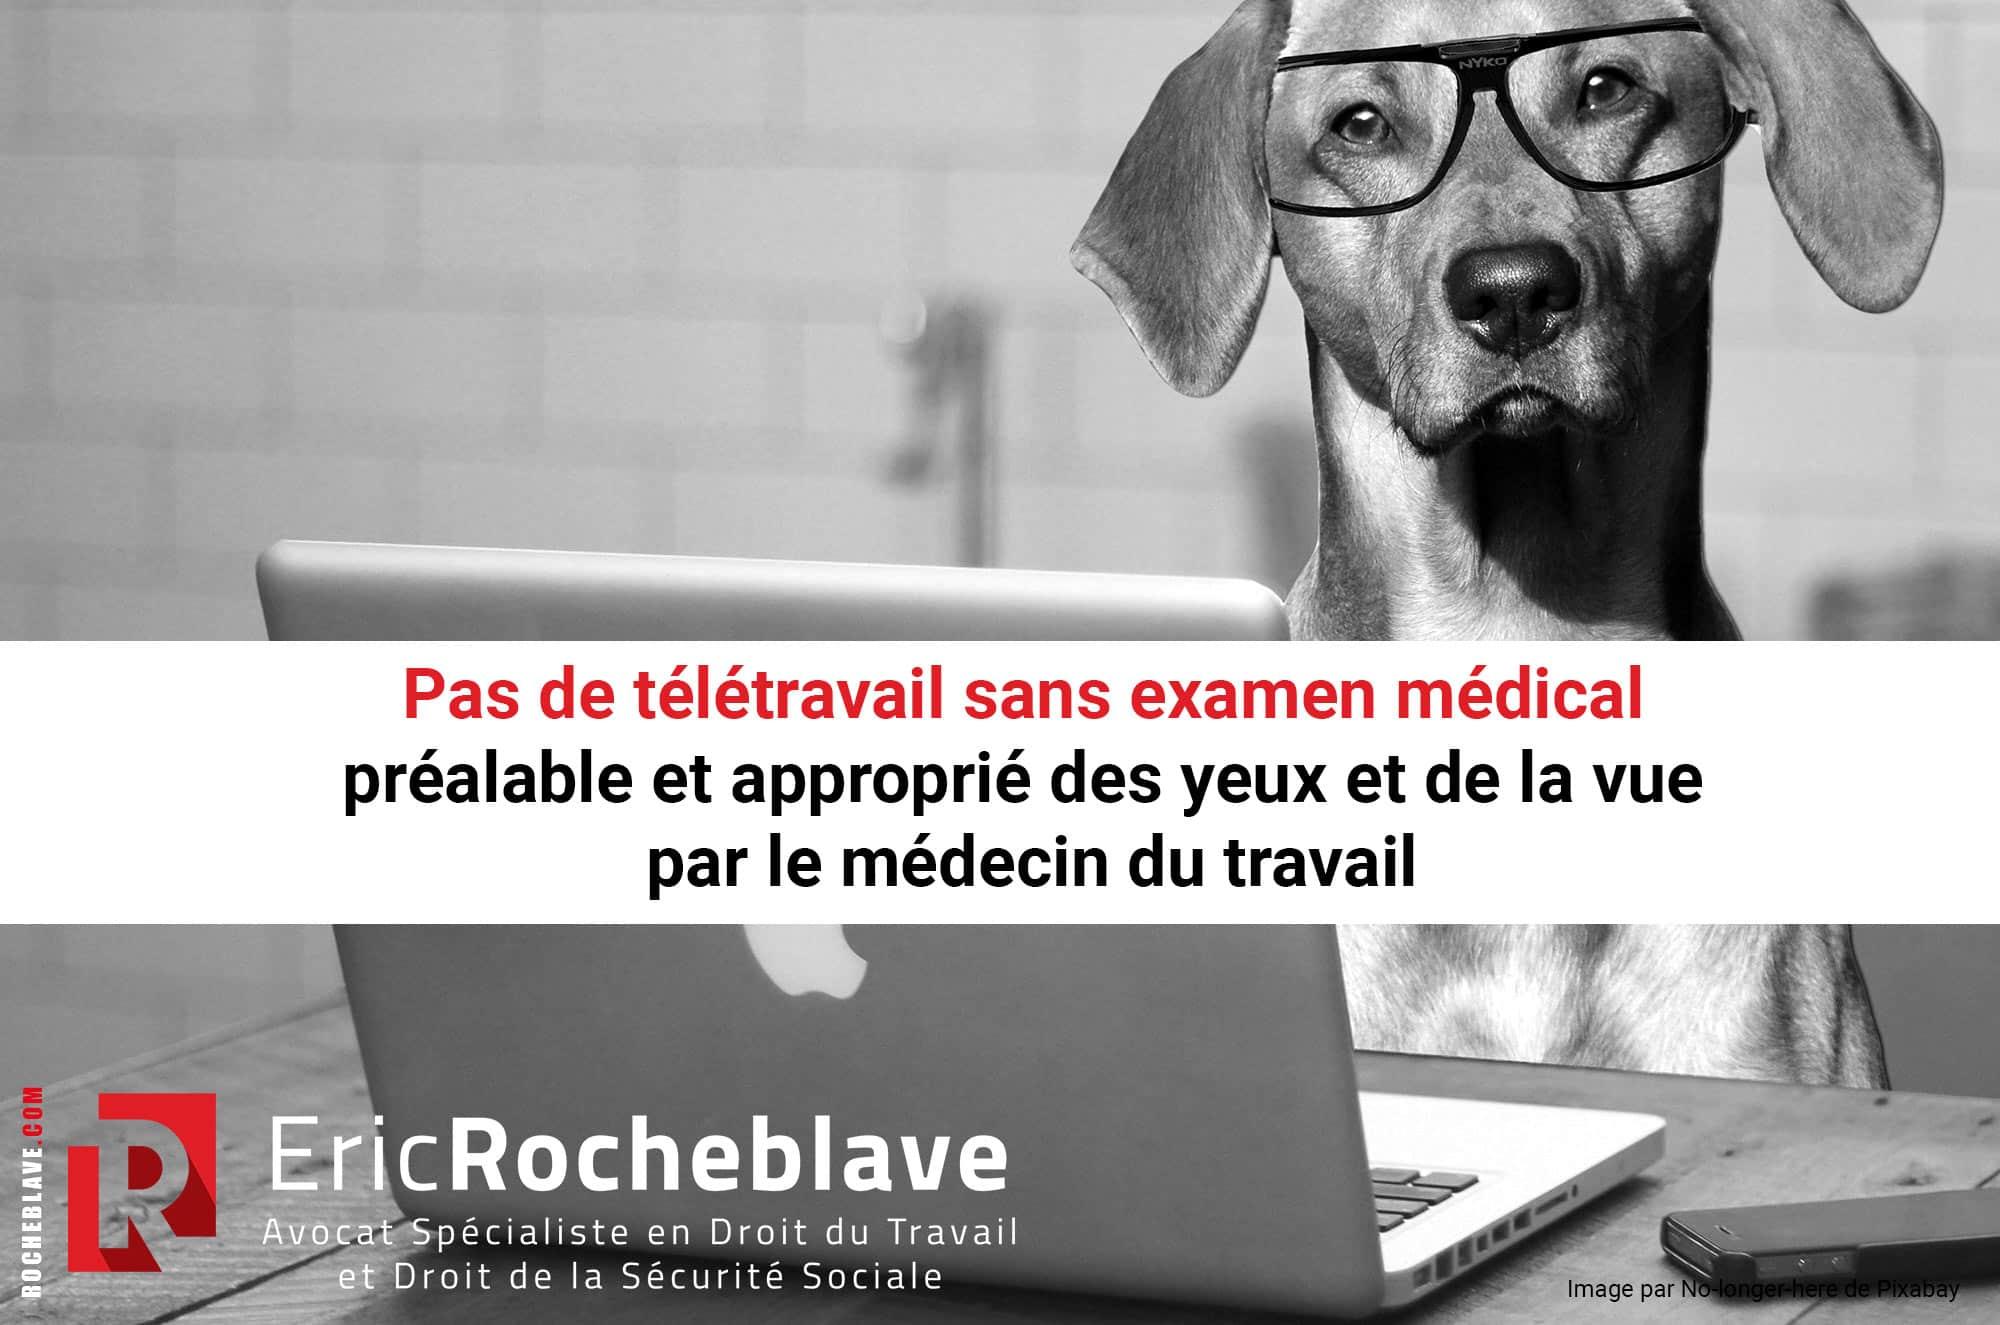 Pas de télétravail sans examen médical préalable et approprié des yeux et de la vue par le médecin du travail